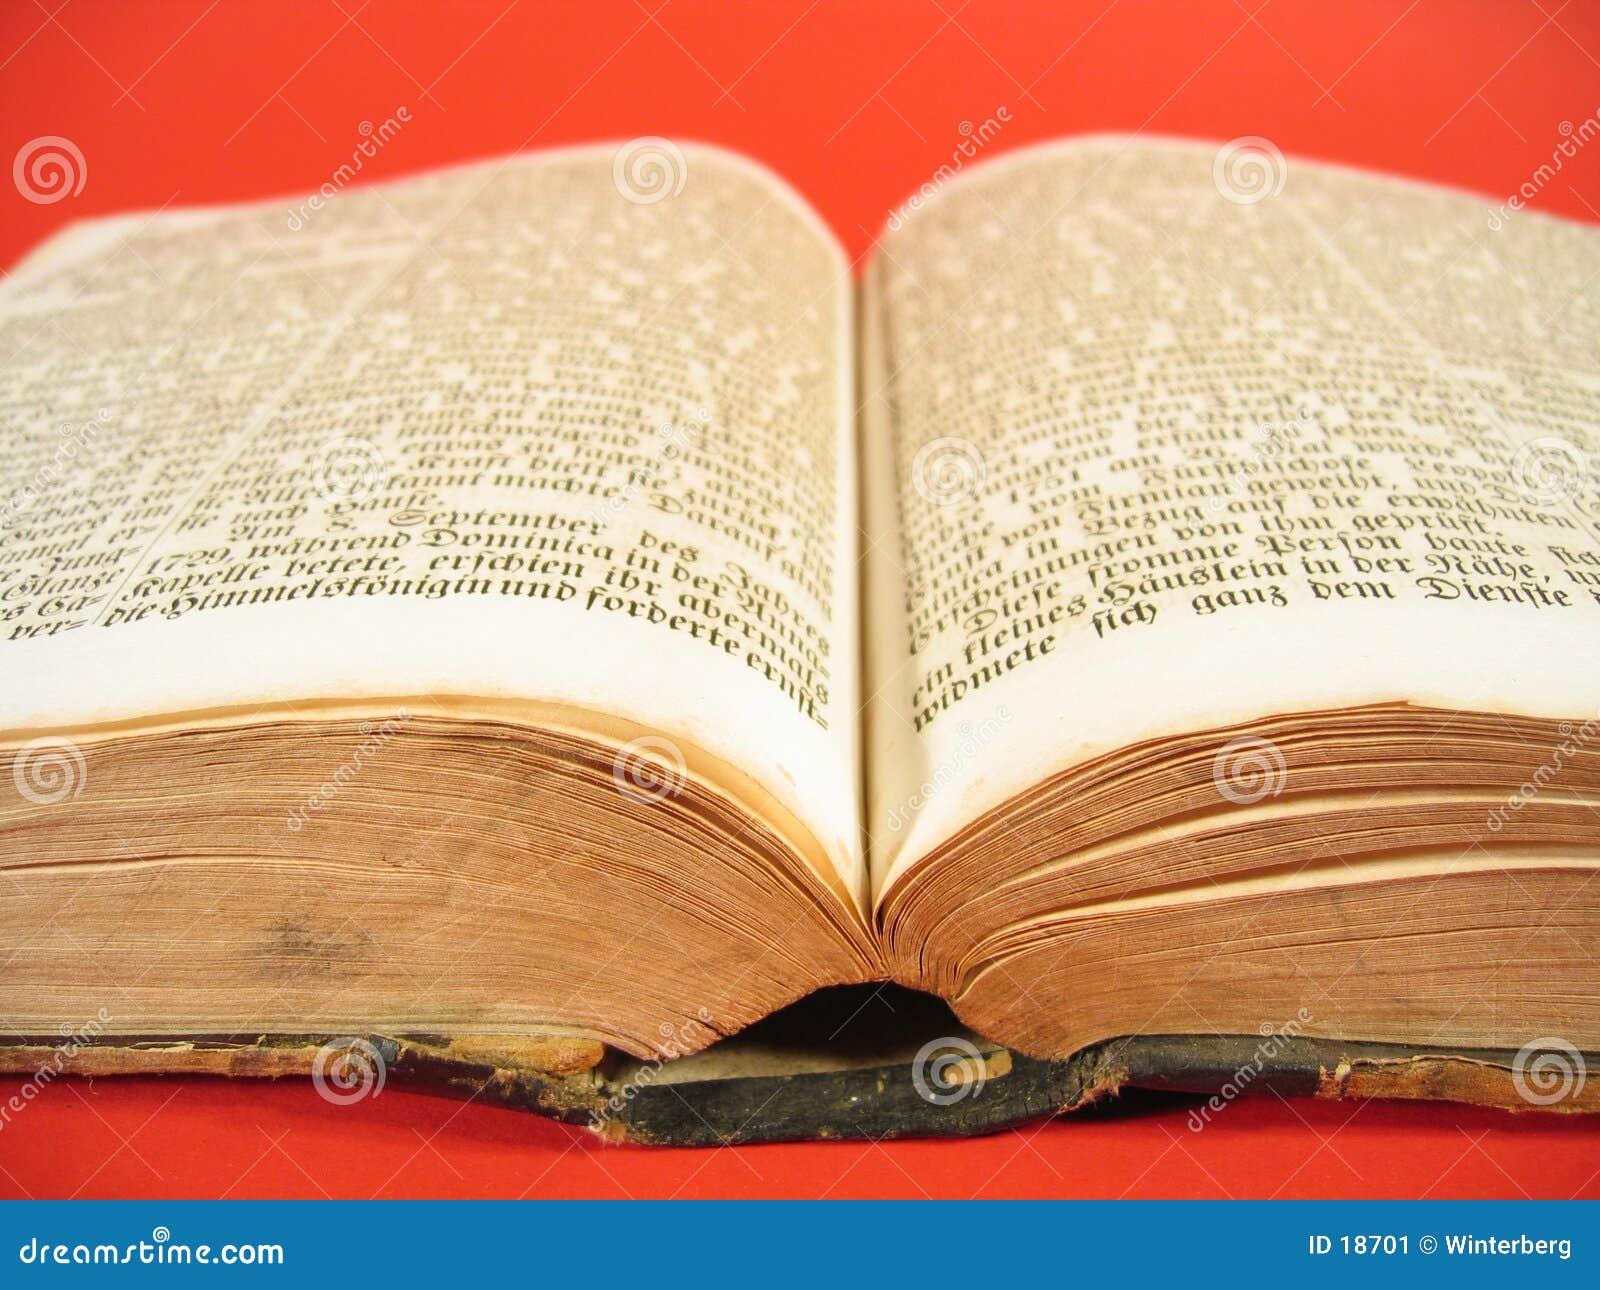 Książka antique iv